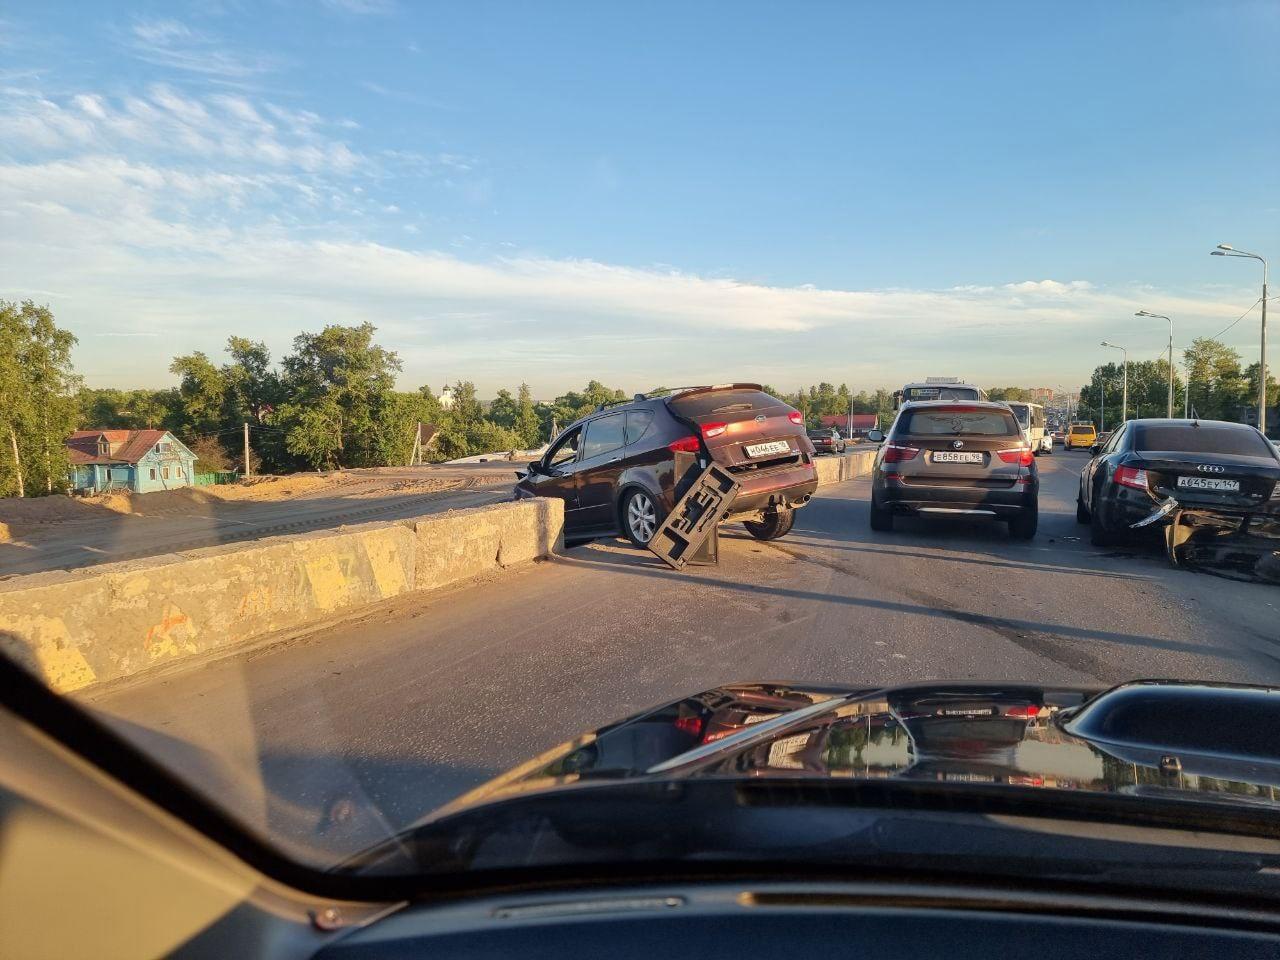 На Лиговском путепроводе столкнулись Subaru, Audi, Гетц и Mercedes В обе стороны один узкий проезд.